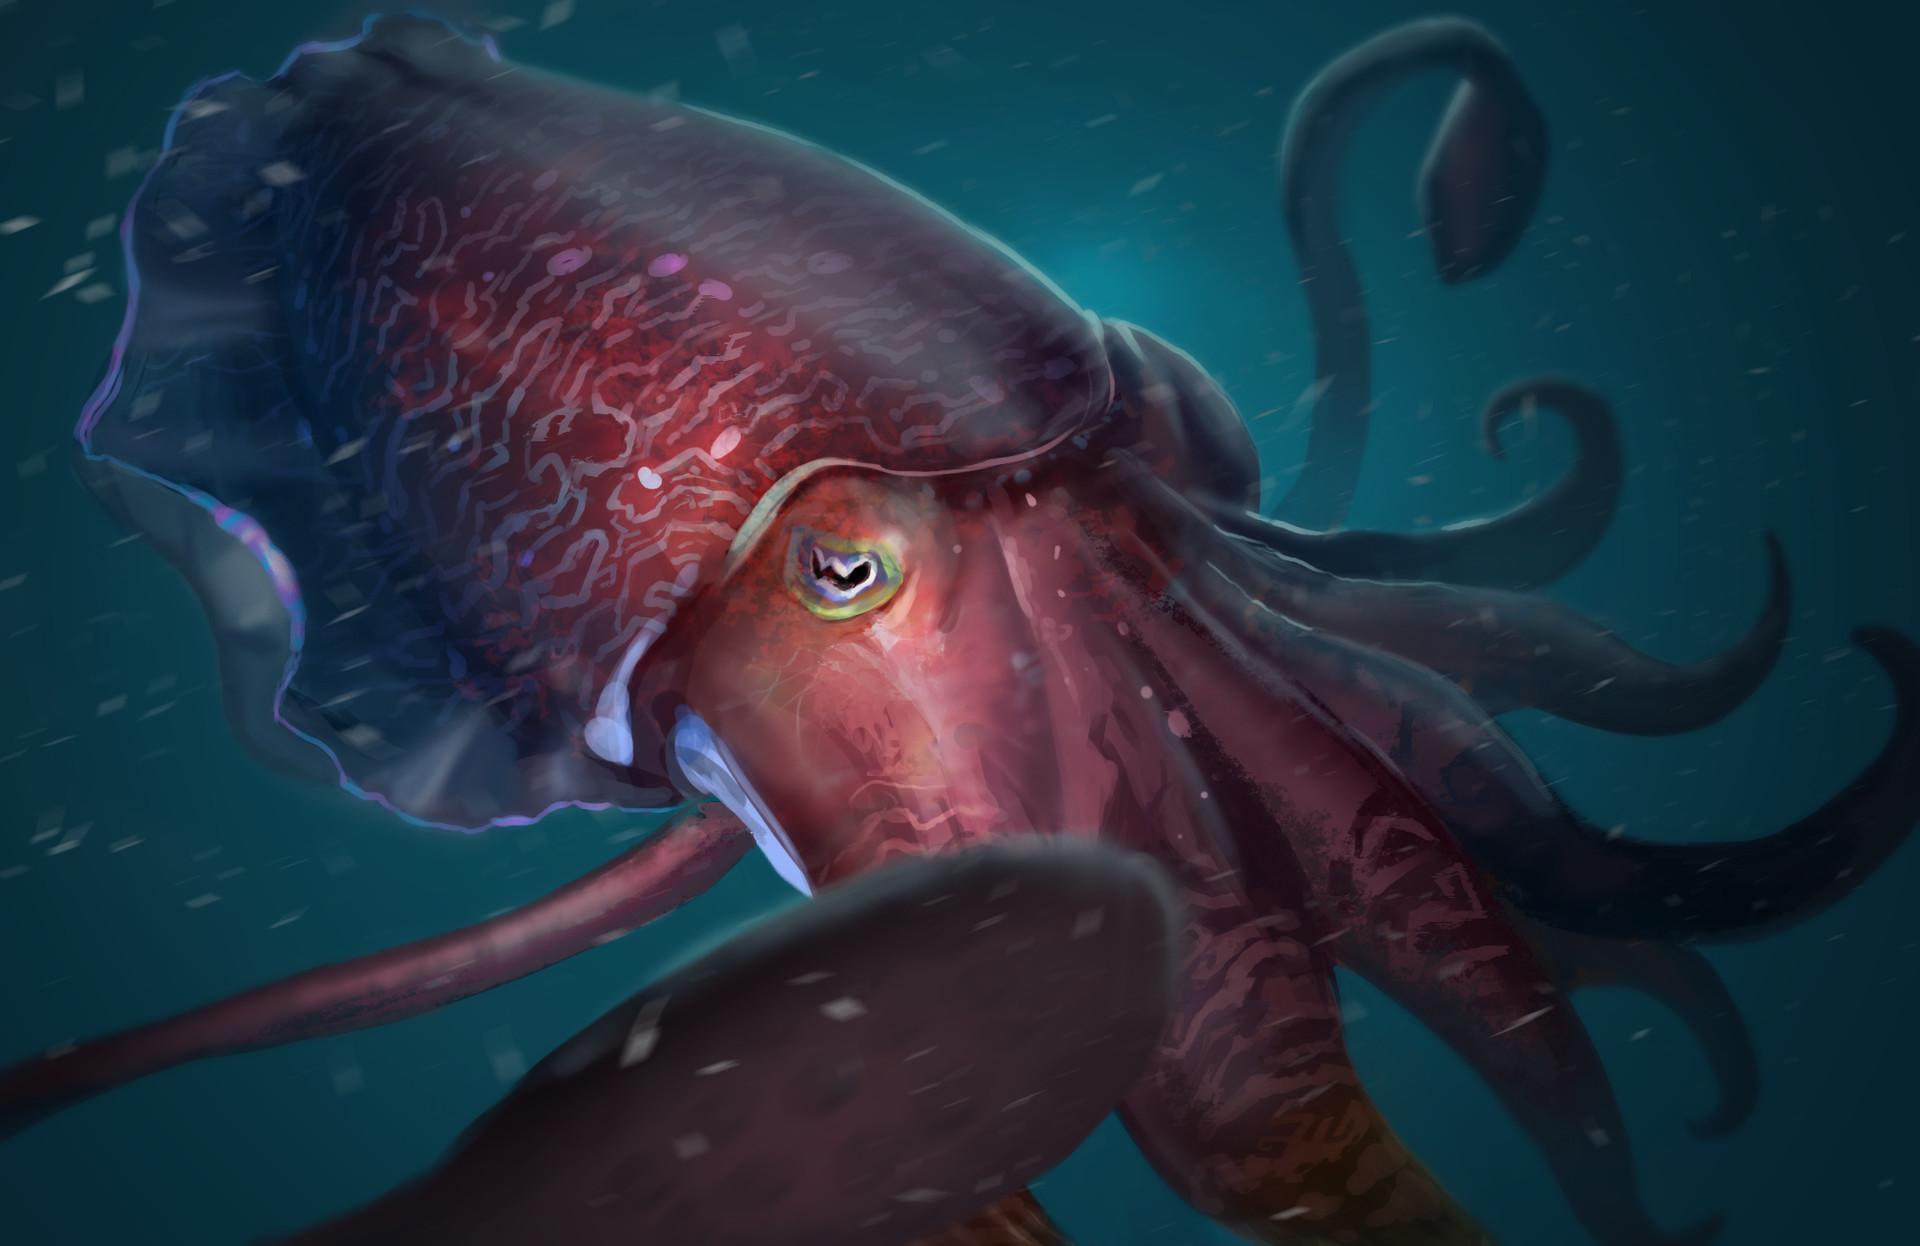 Gabriel ramos osc cuttlefish